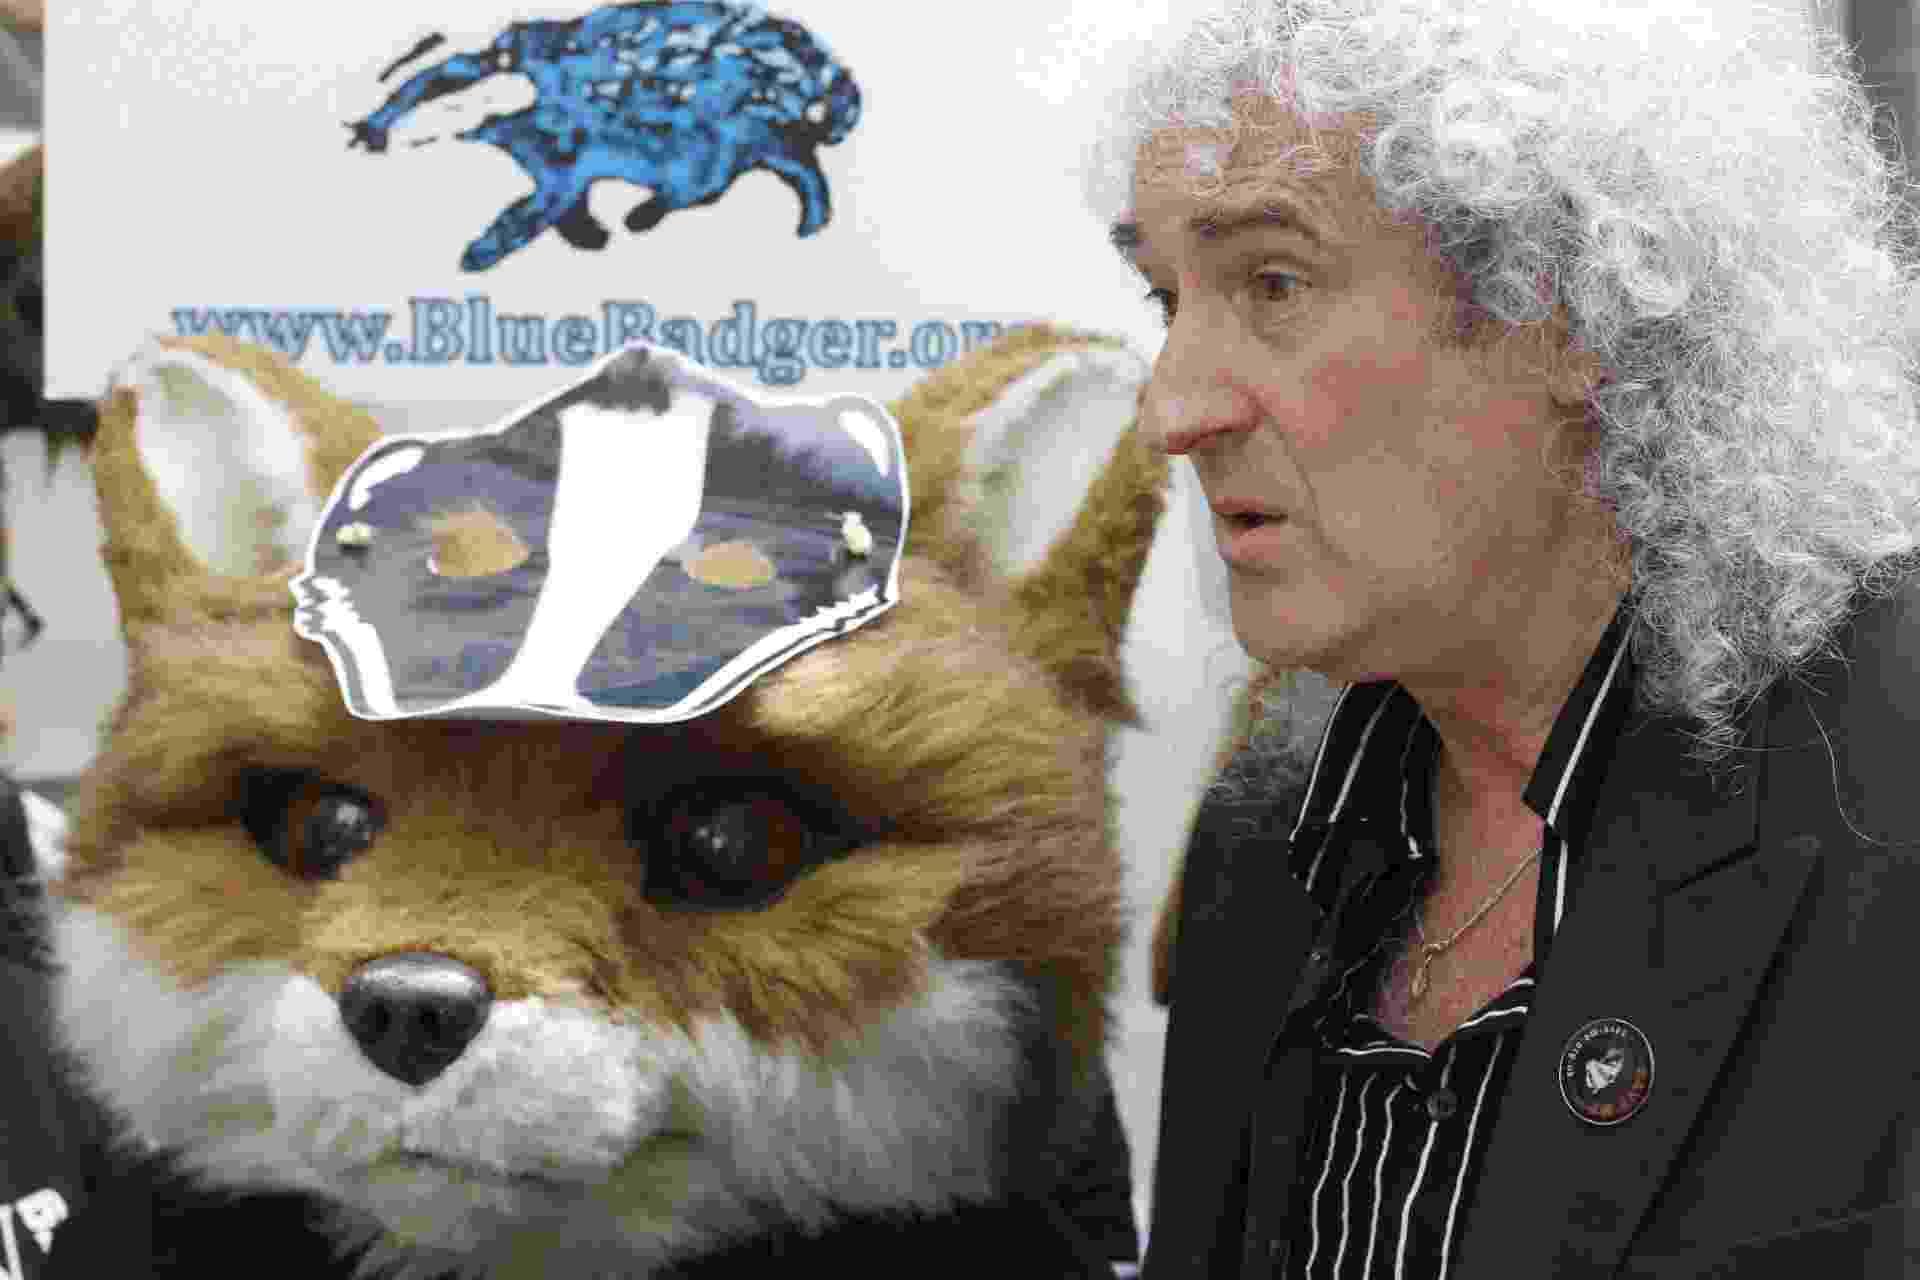 3.jun.2013 - Brian May lidera protesto contra a matança de texugos na Inglaterra em frente a órgão ambiental do governo britânico em Londres, neste sábado (1º). O guitarrista da banda Queen - e também doutor em astrofísica - criou o Team Badger (Grupo dos Texugos, em tradução livre) para impedir que fazendeiros ingleses exterminem os animais apontados como transmissores da tuberculose bovina no país - Tal Cohen/EPA/Efe